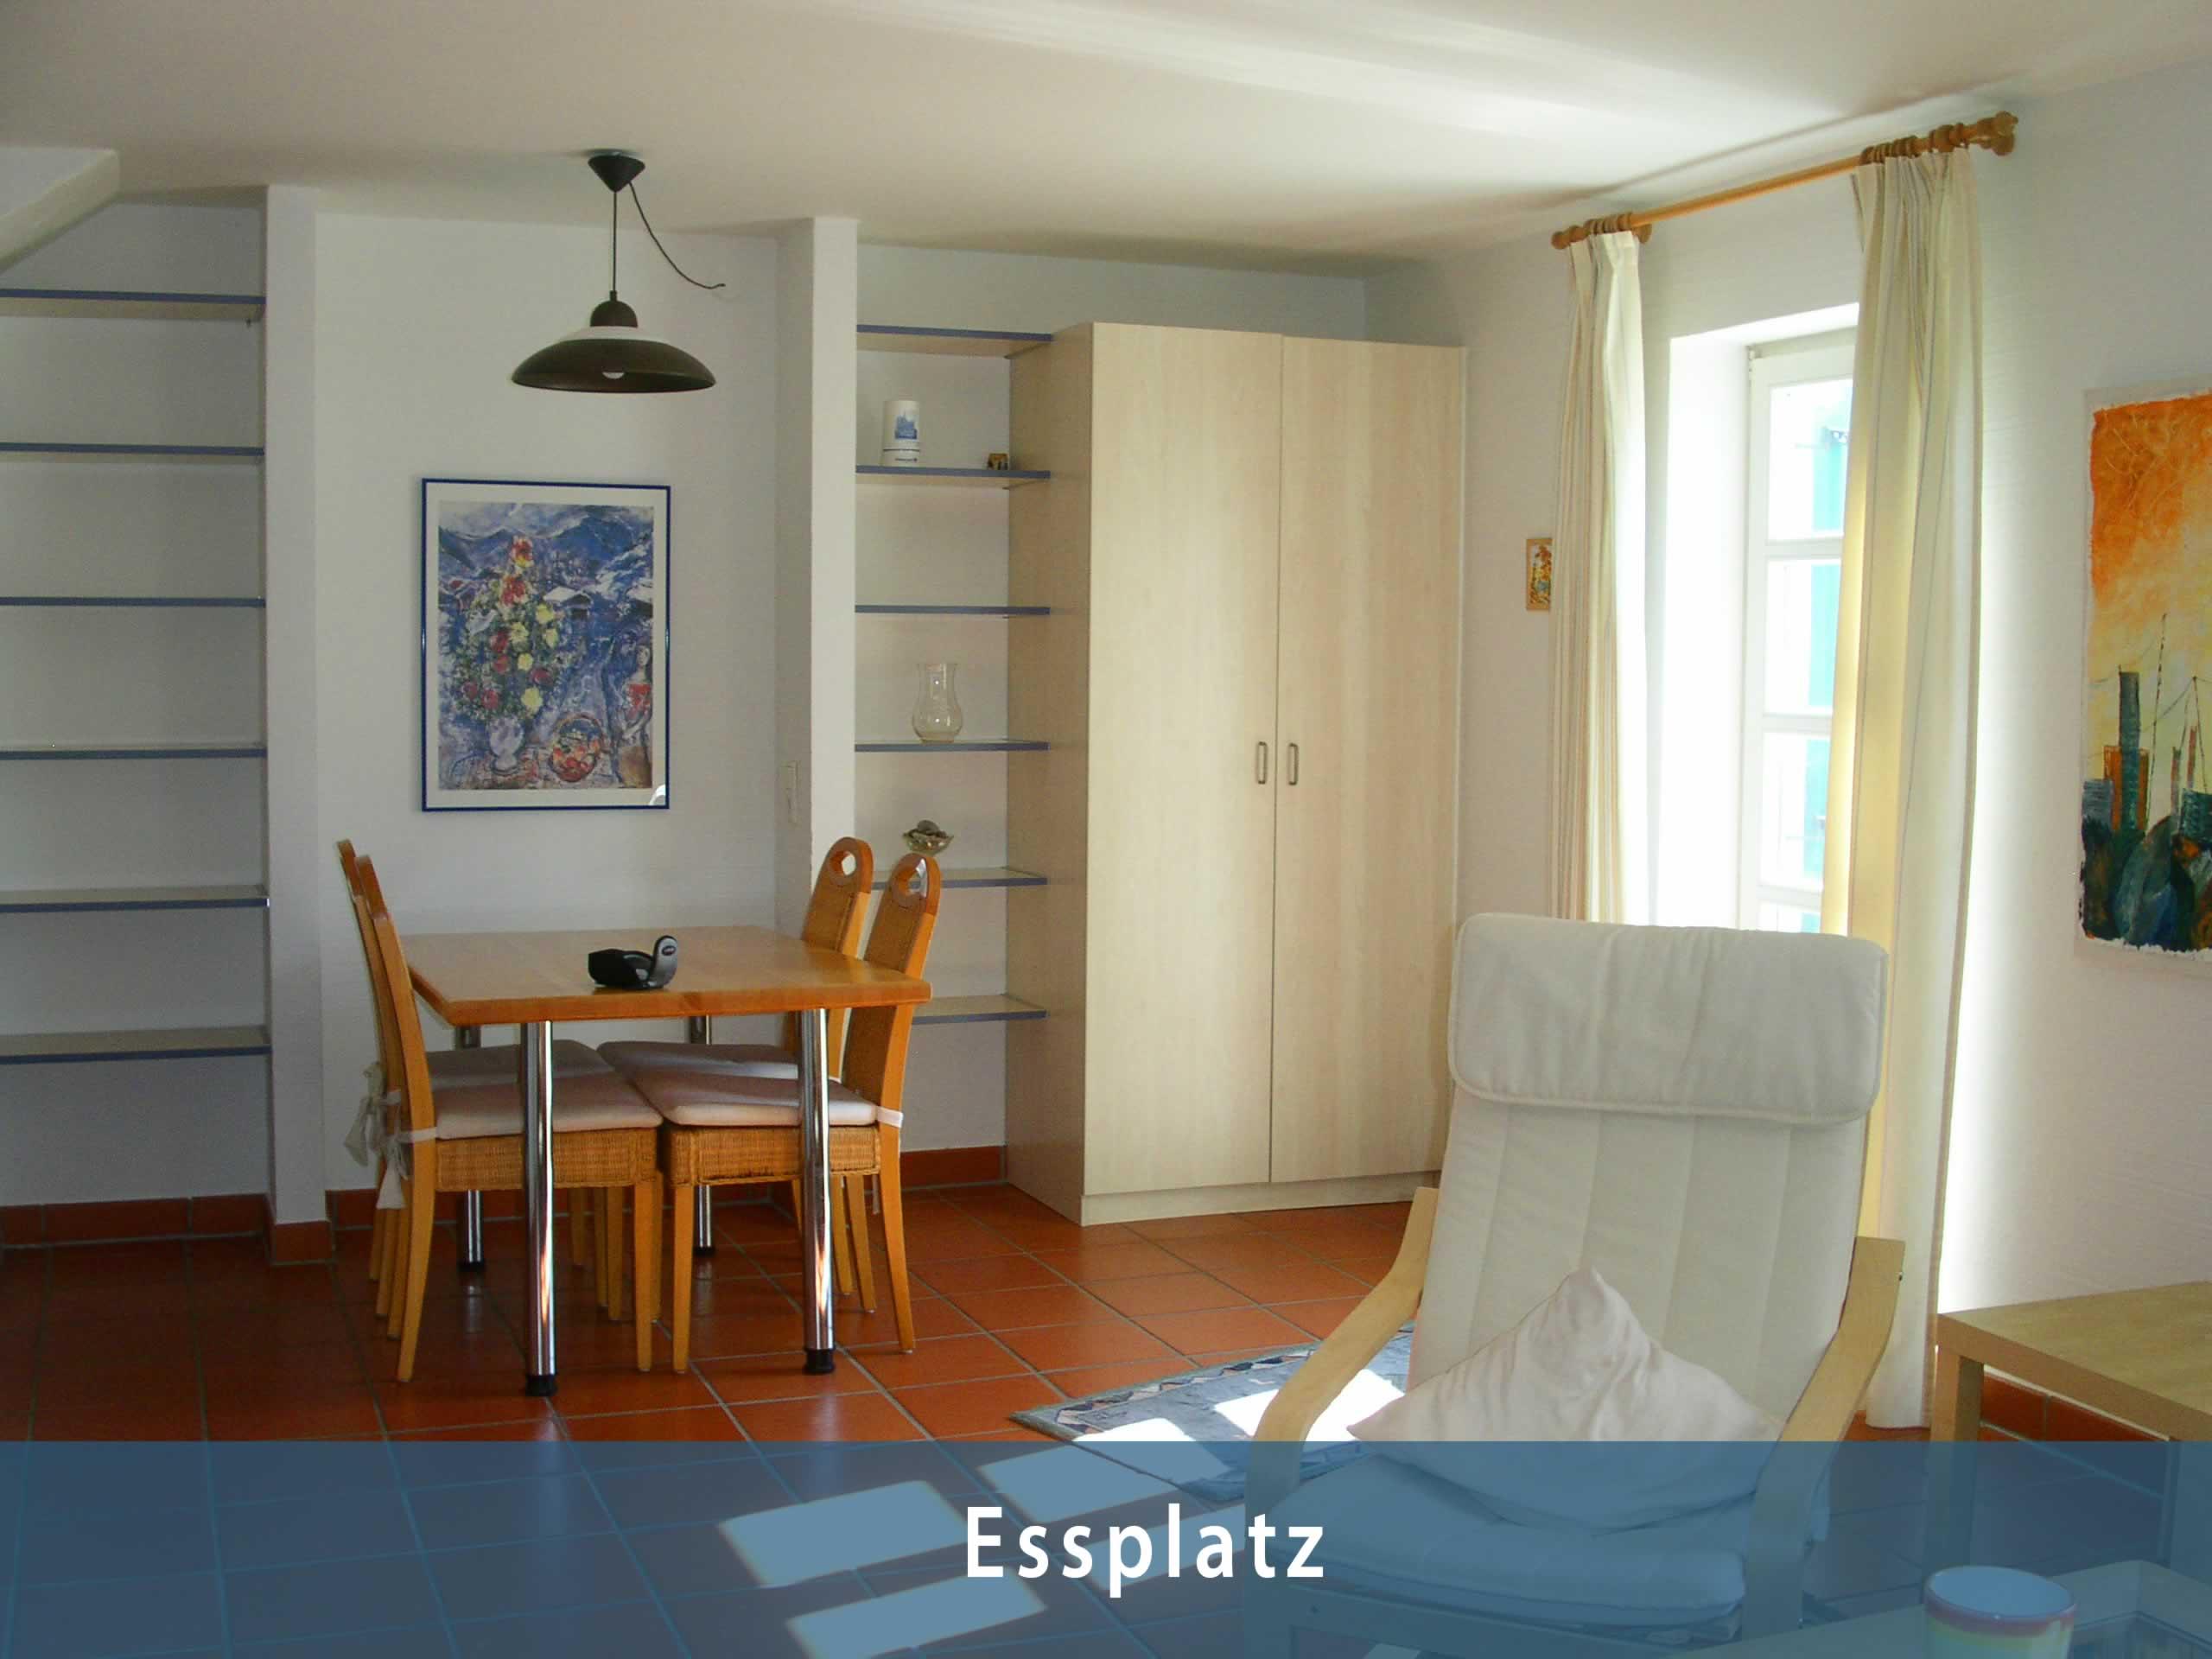 Bild 7 - Ferienwohnung auf Bakenberg bei Dranske - Objekt 142957-1